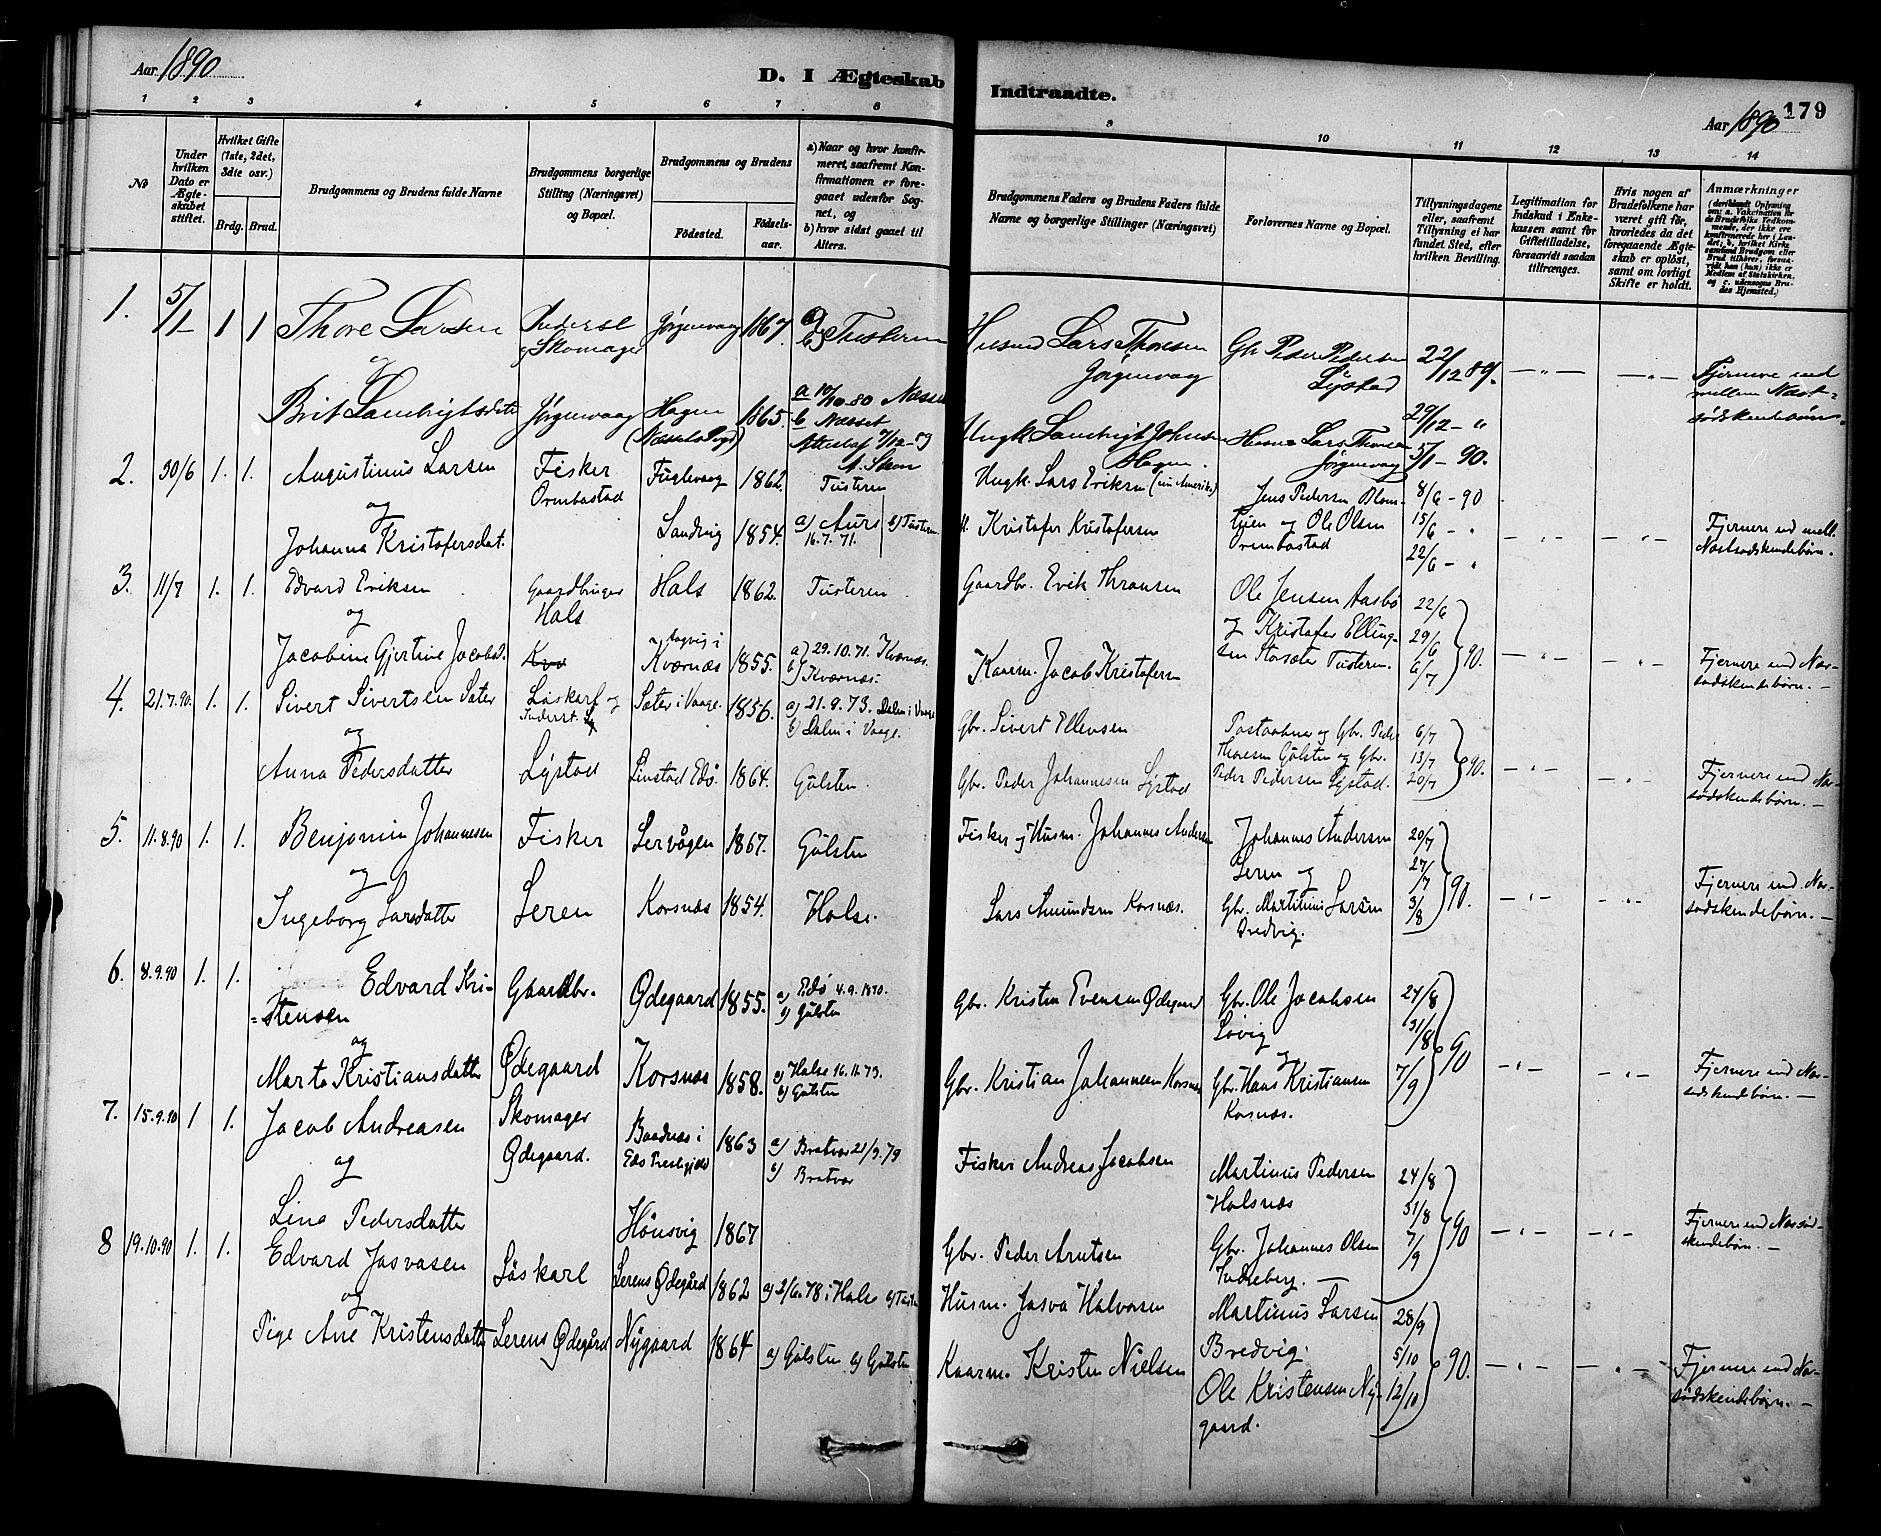 SAT, Ministerialprotokoller, klokkerbøker og fødselsregistre - Møre og Romsdal, 577/L0896: Ministerialbok nr. 577A03, 1880-1898, s. 179